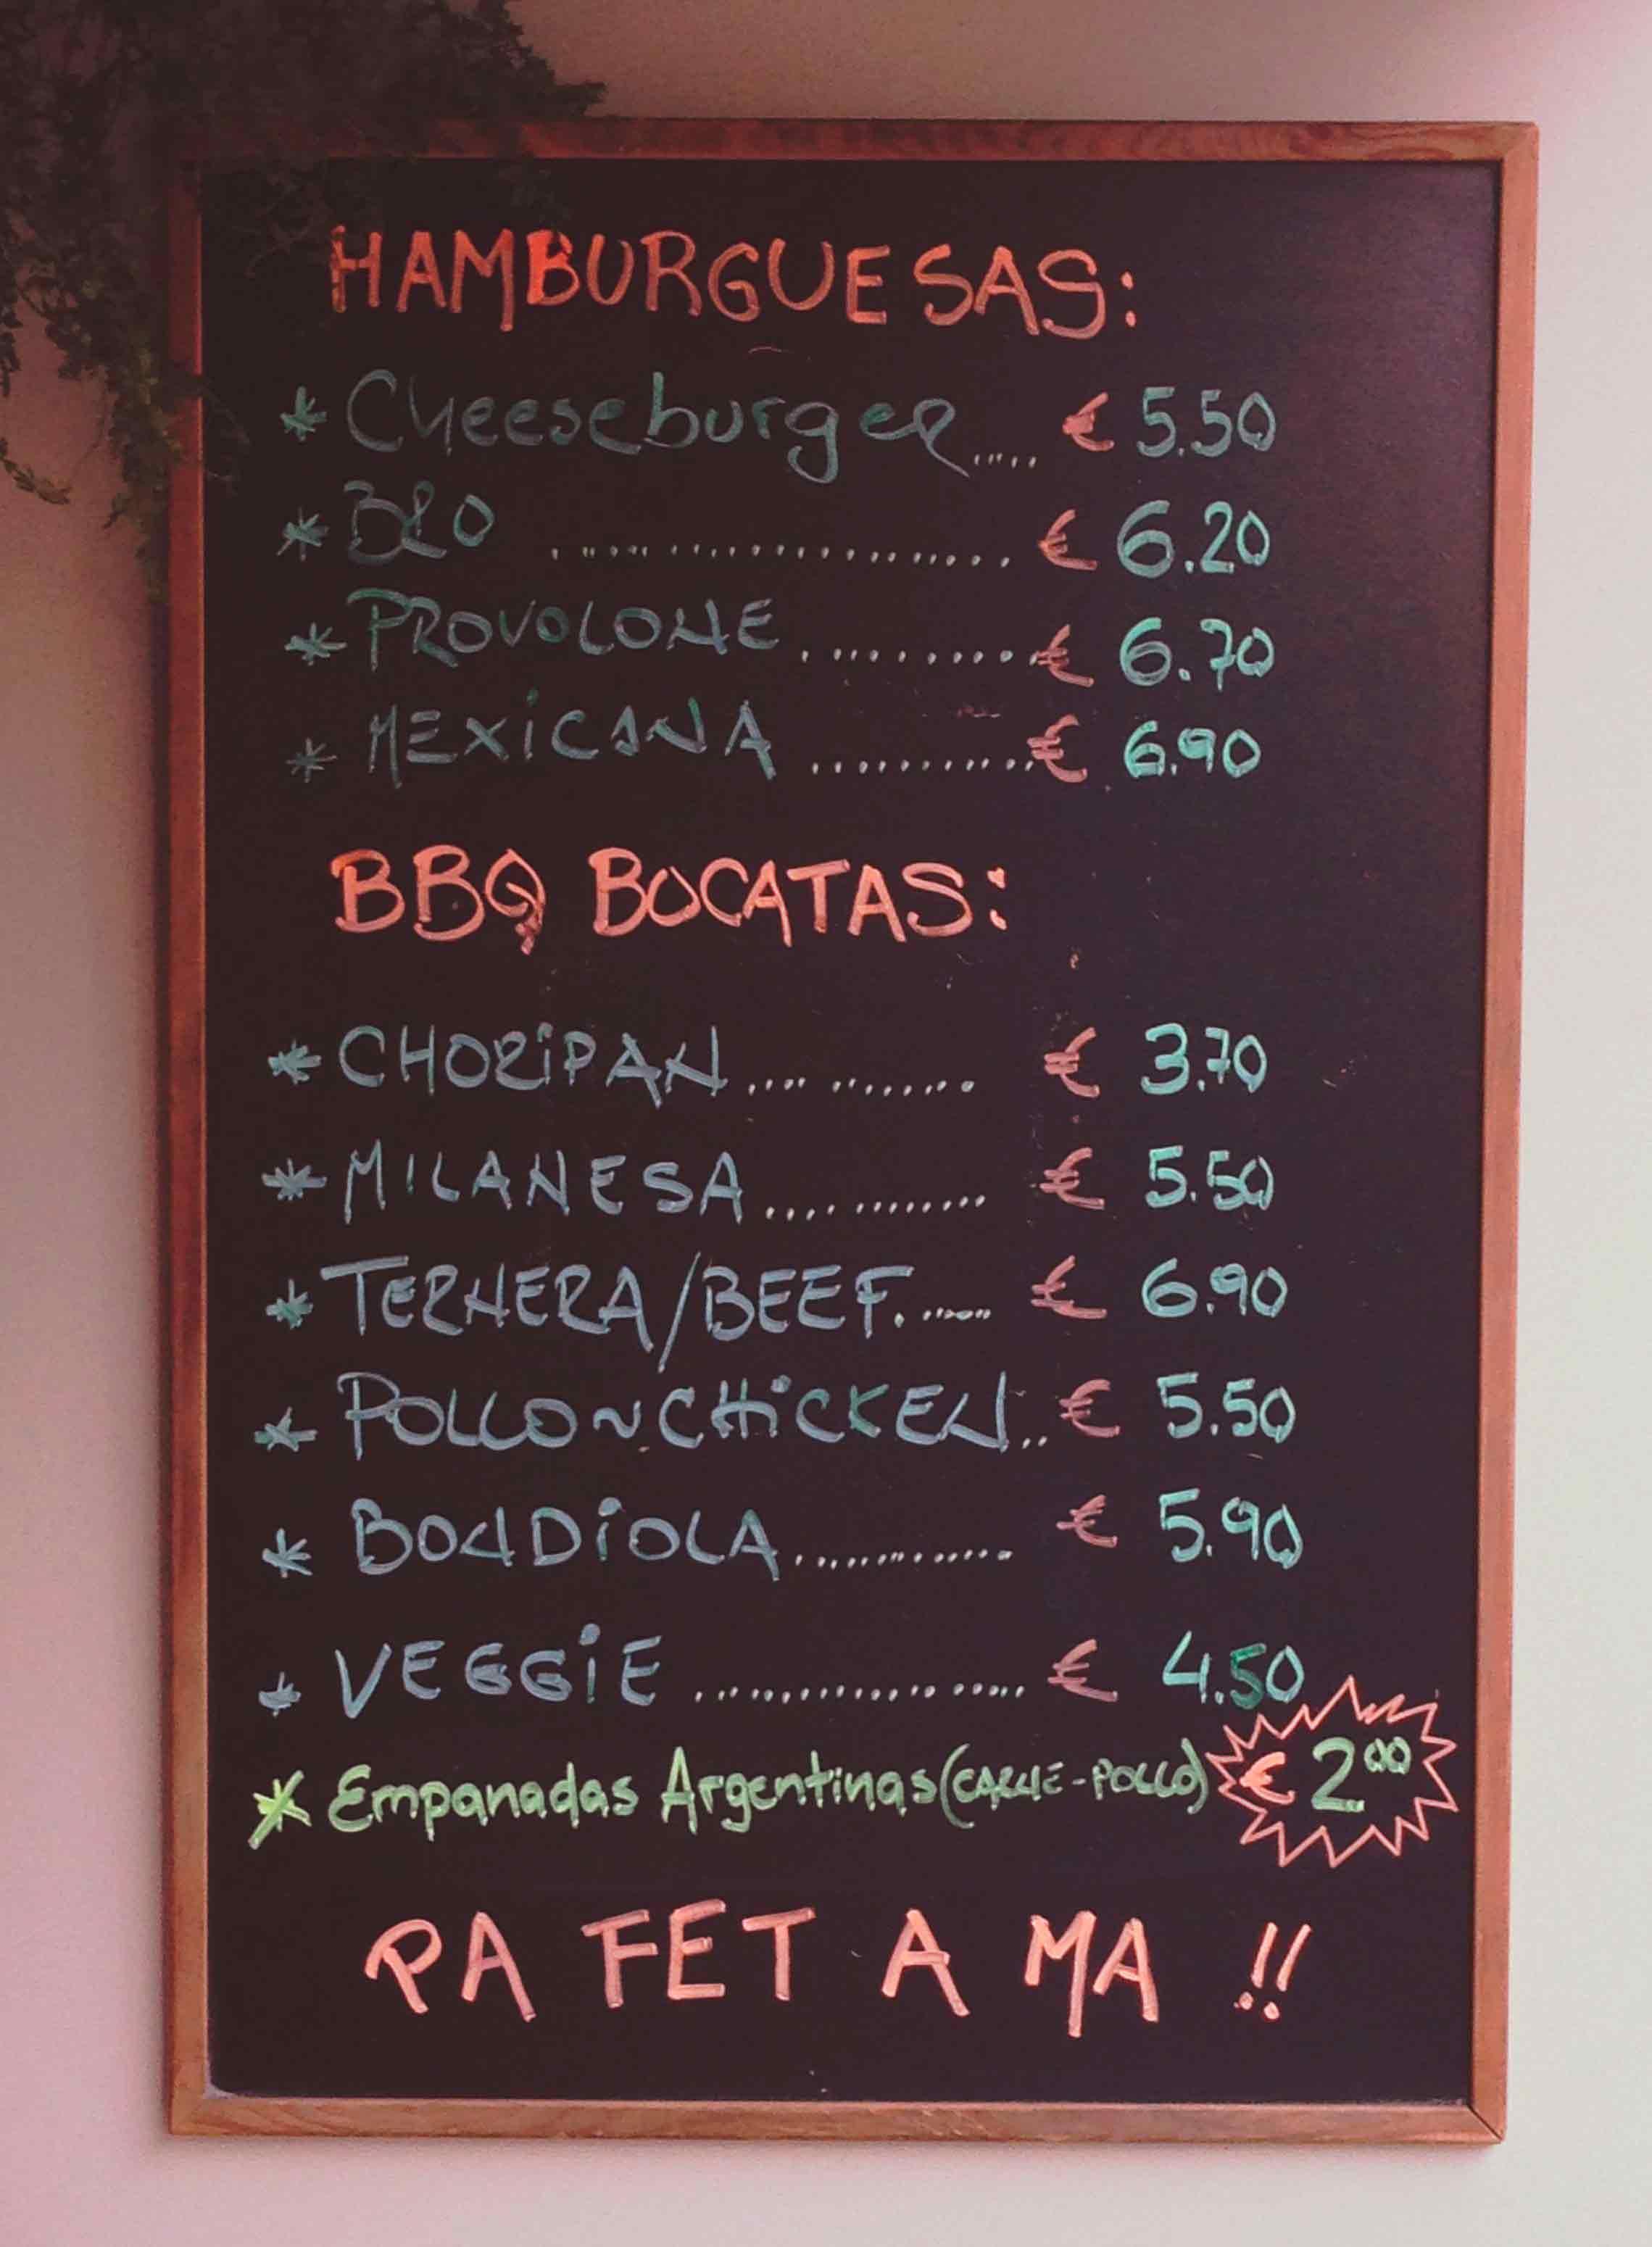 Bro Barcelona - Grill & Bread